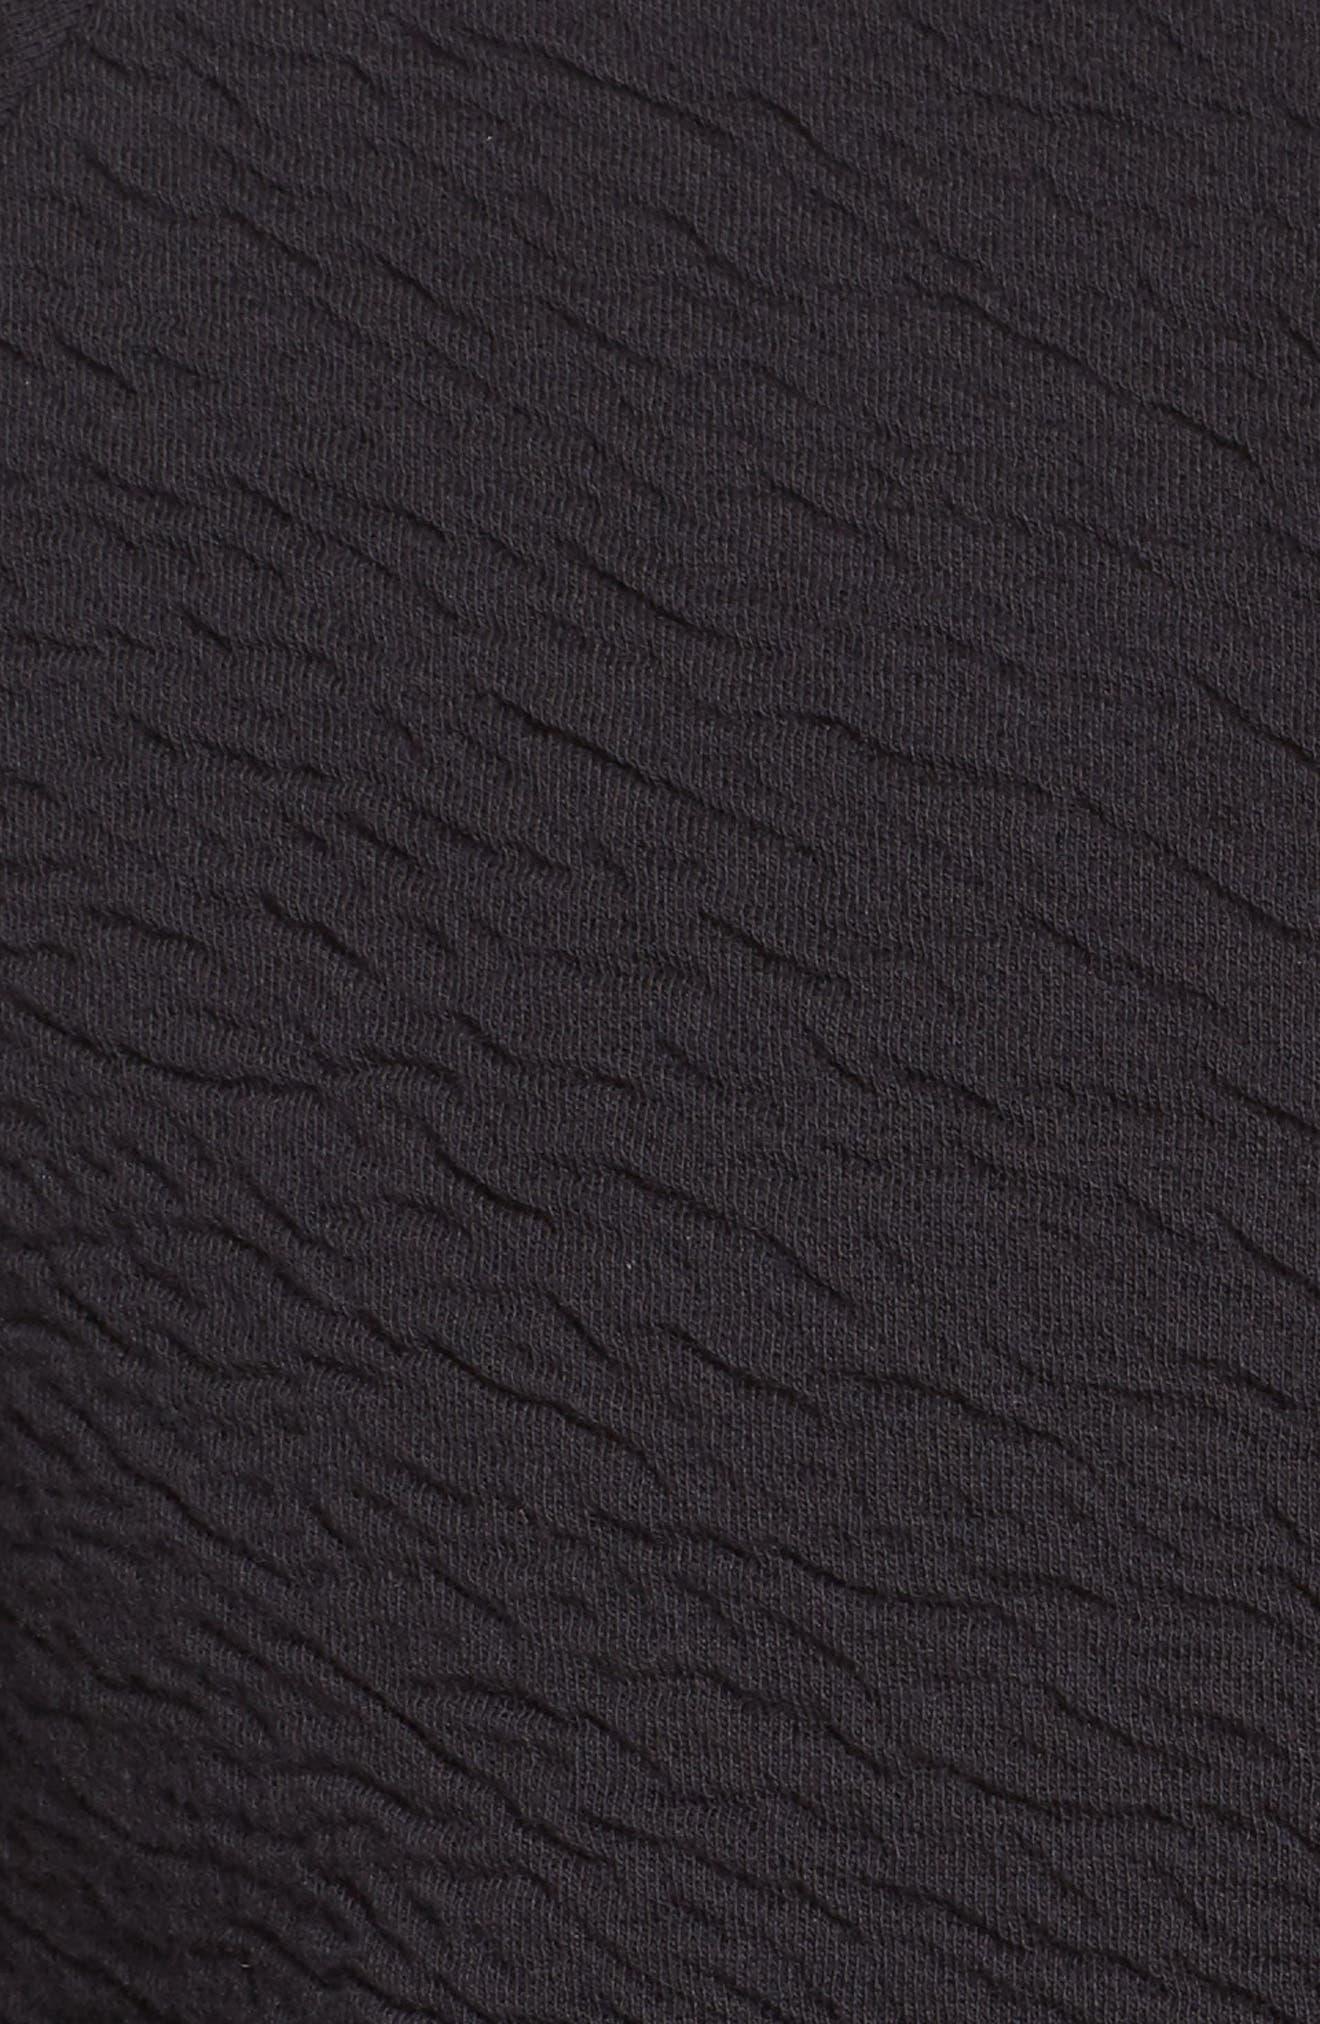 Heat Knit Drape Jacket,                             Alternate thumbnail 6, color,                             Bk